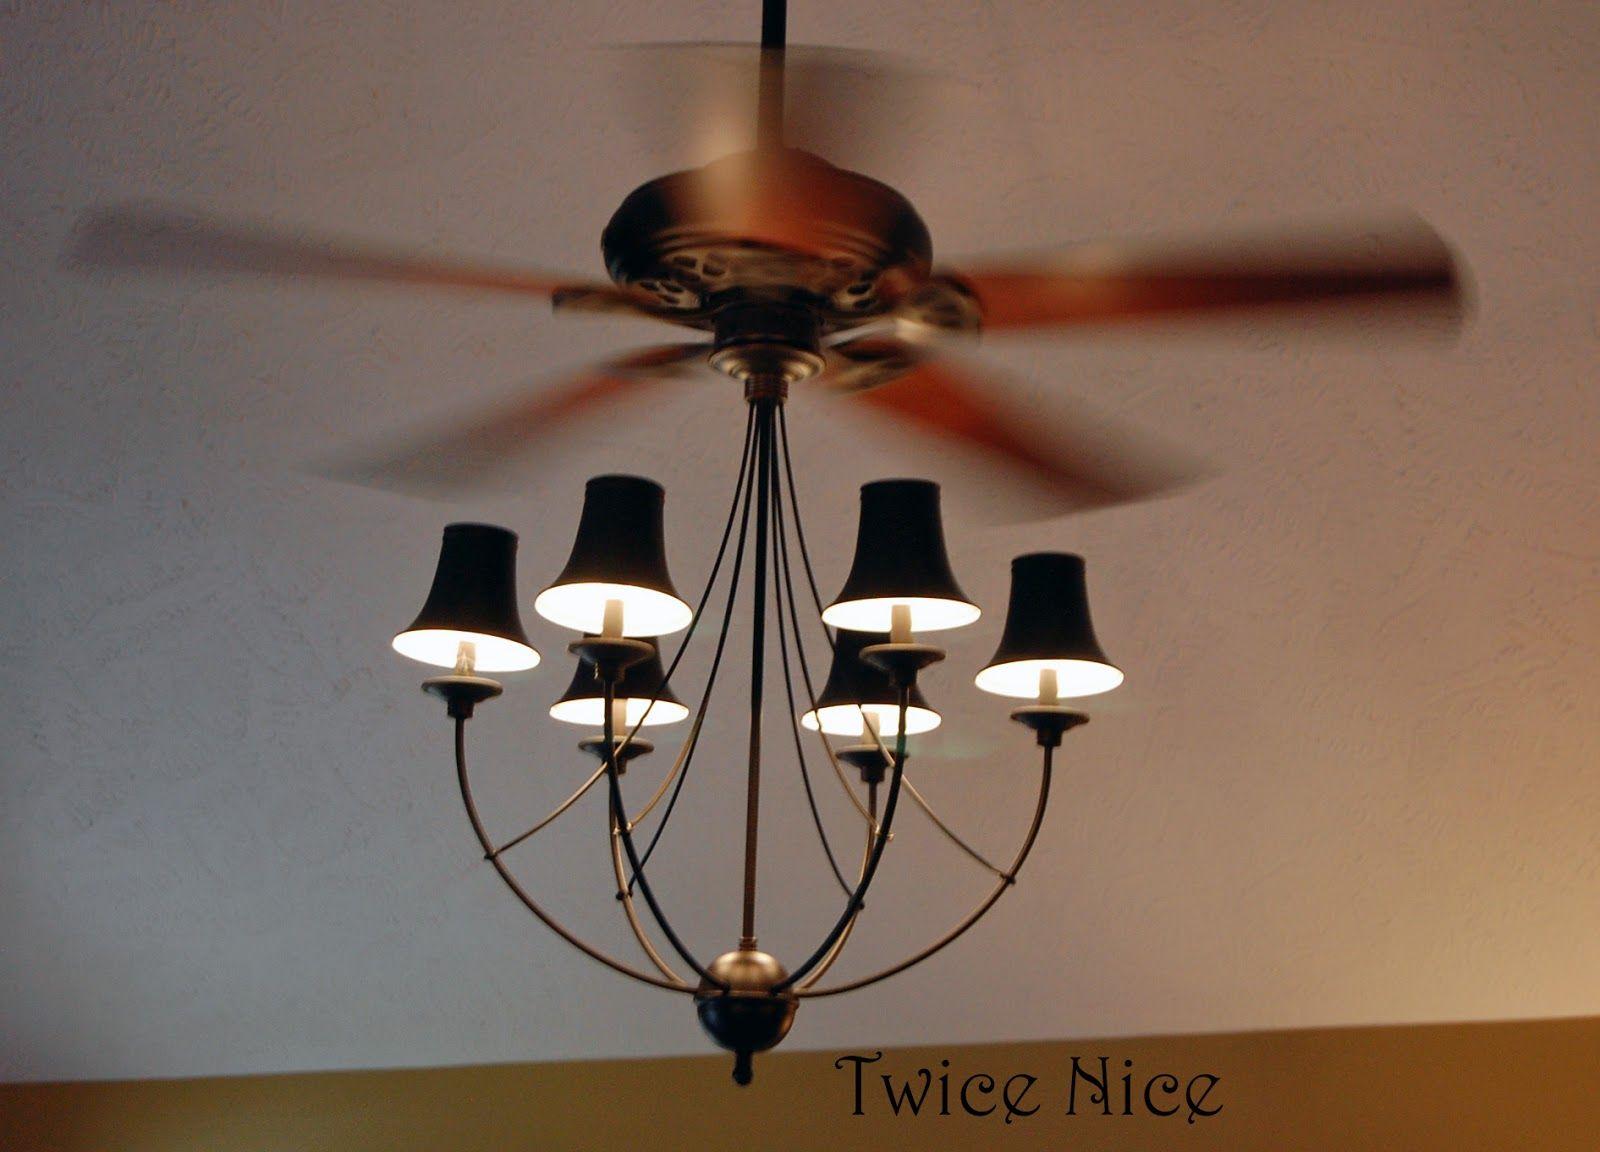 Ceiling Fan With Chandelier Light Kit Unique Ceiling Fans With Chandeliers Chandelier Fan Ceiling Fan With Light Ceiling Fan